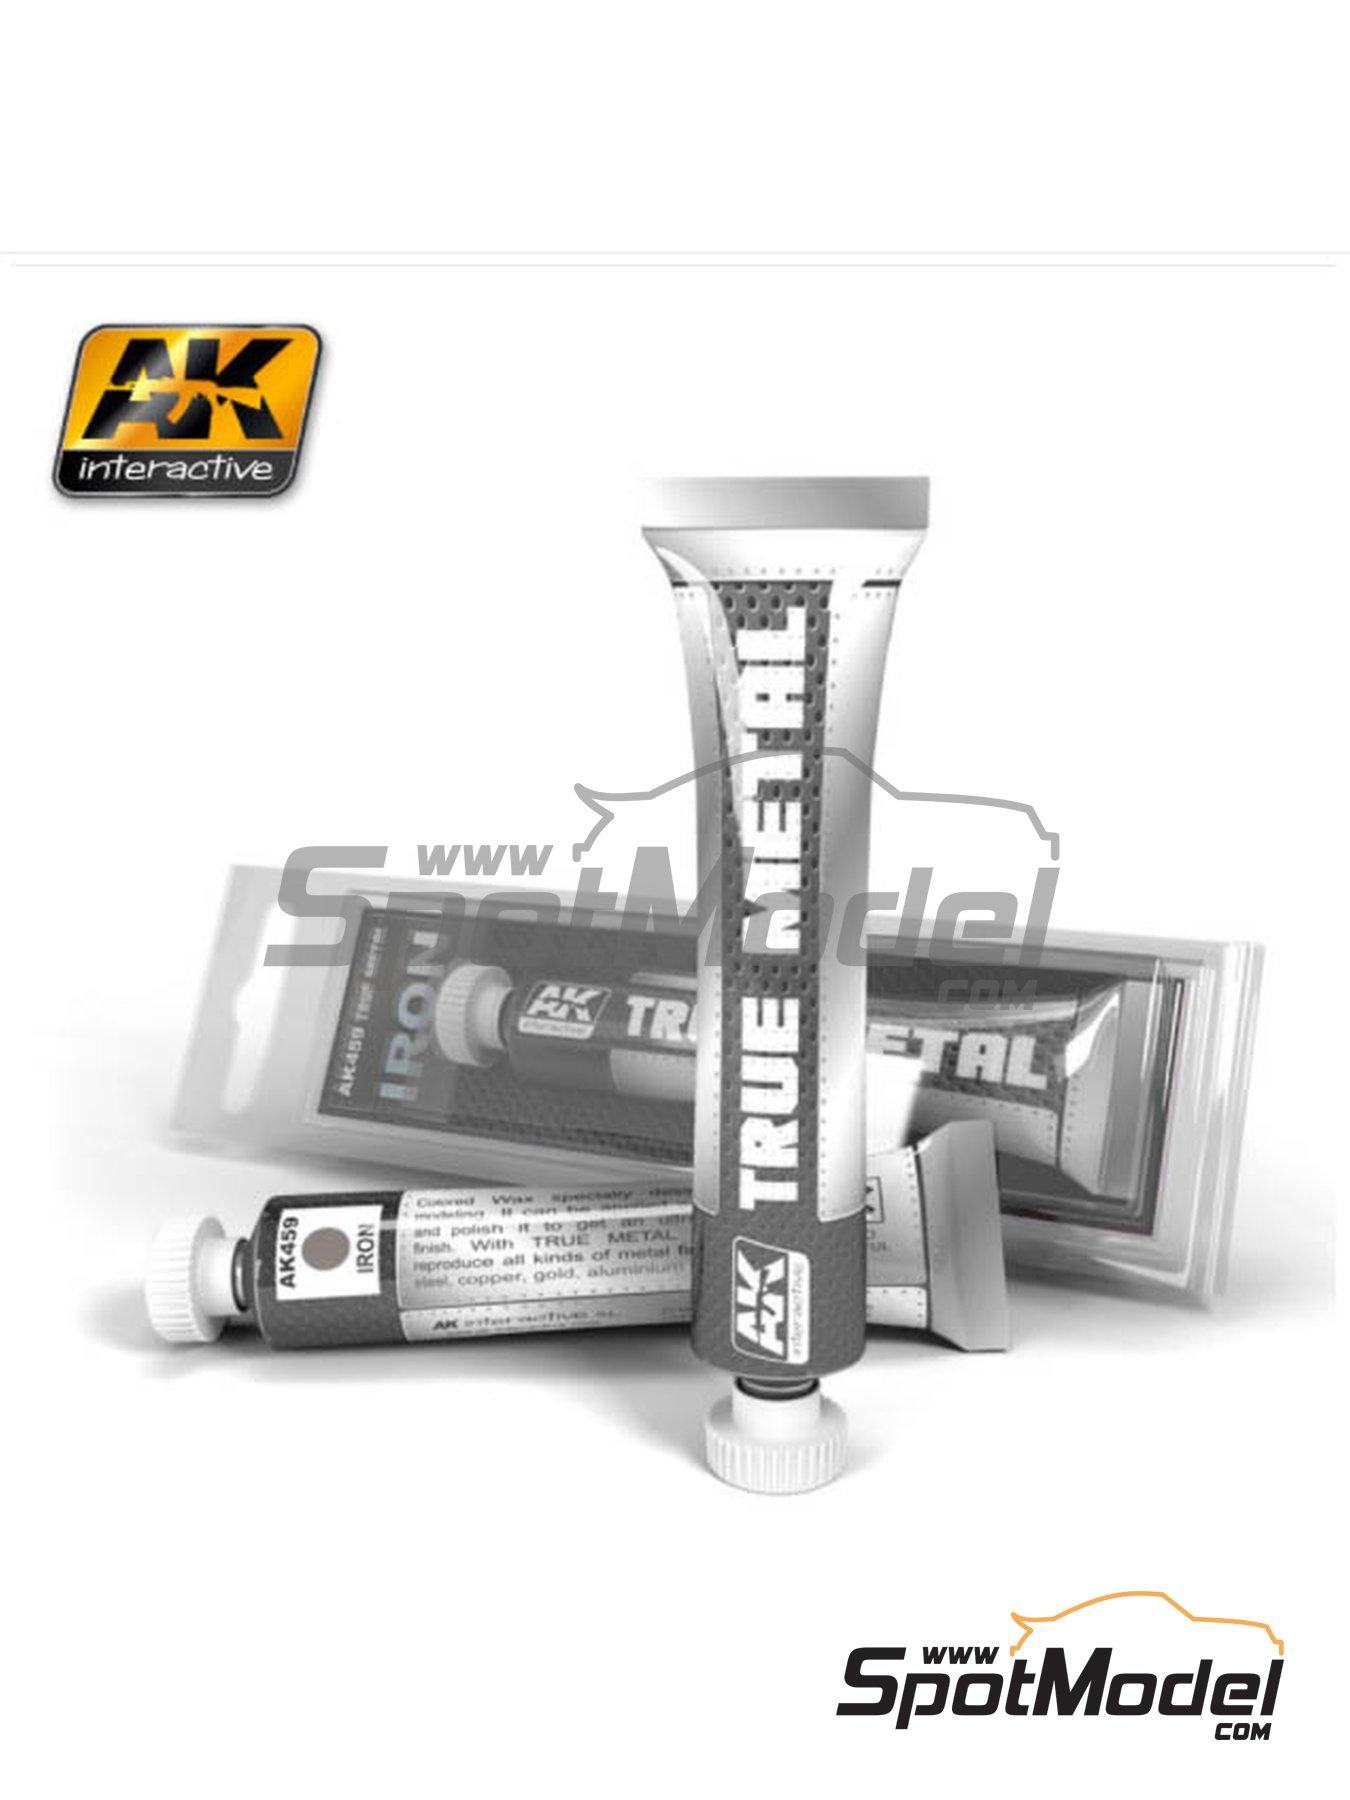 Hierro | AK True Metal fabricado por AK Interactive (ref.AK-459) image